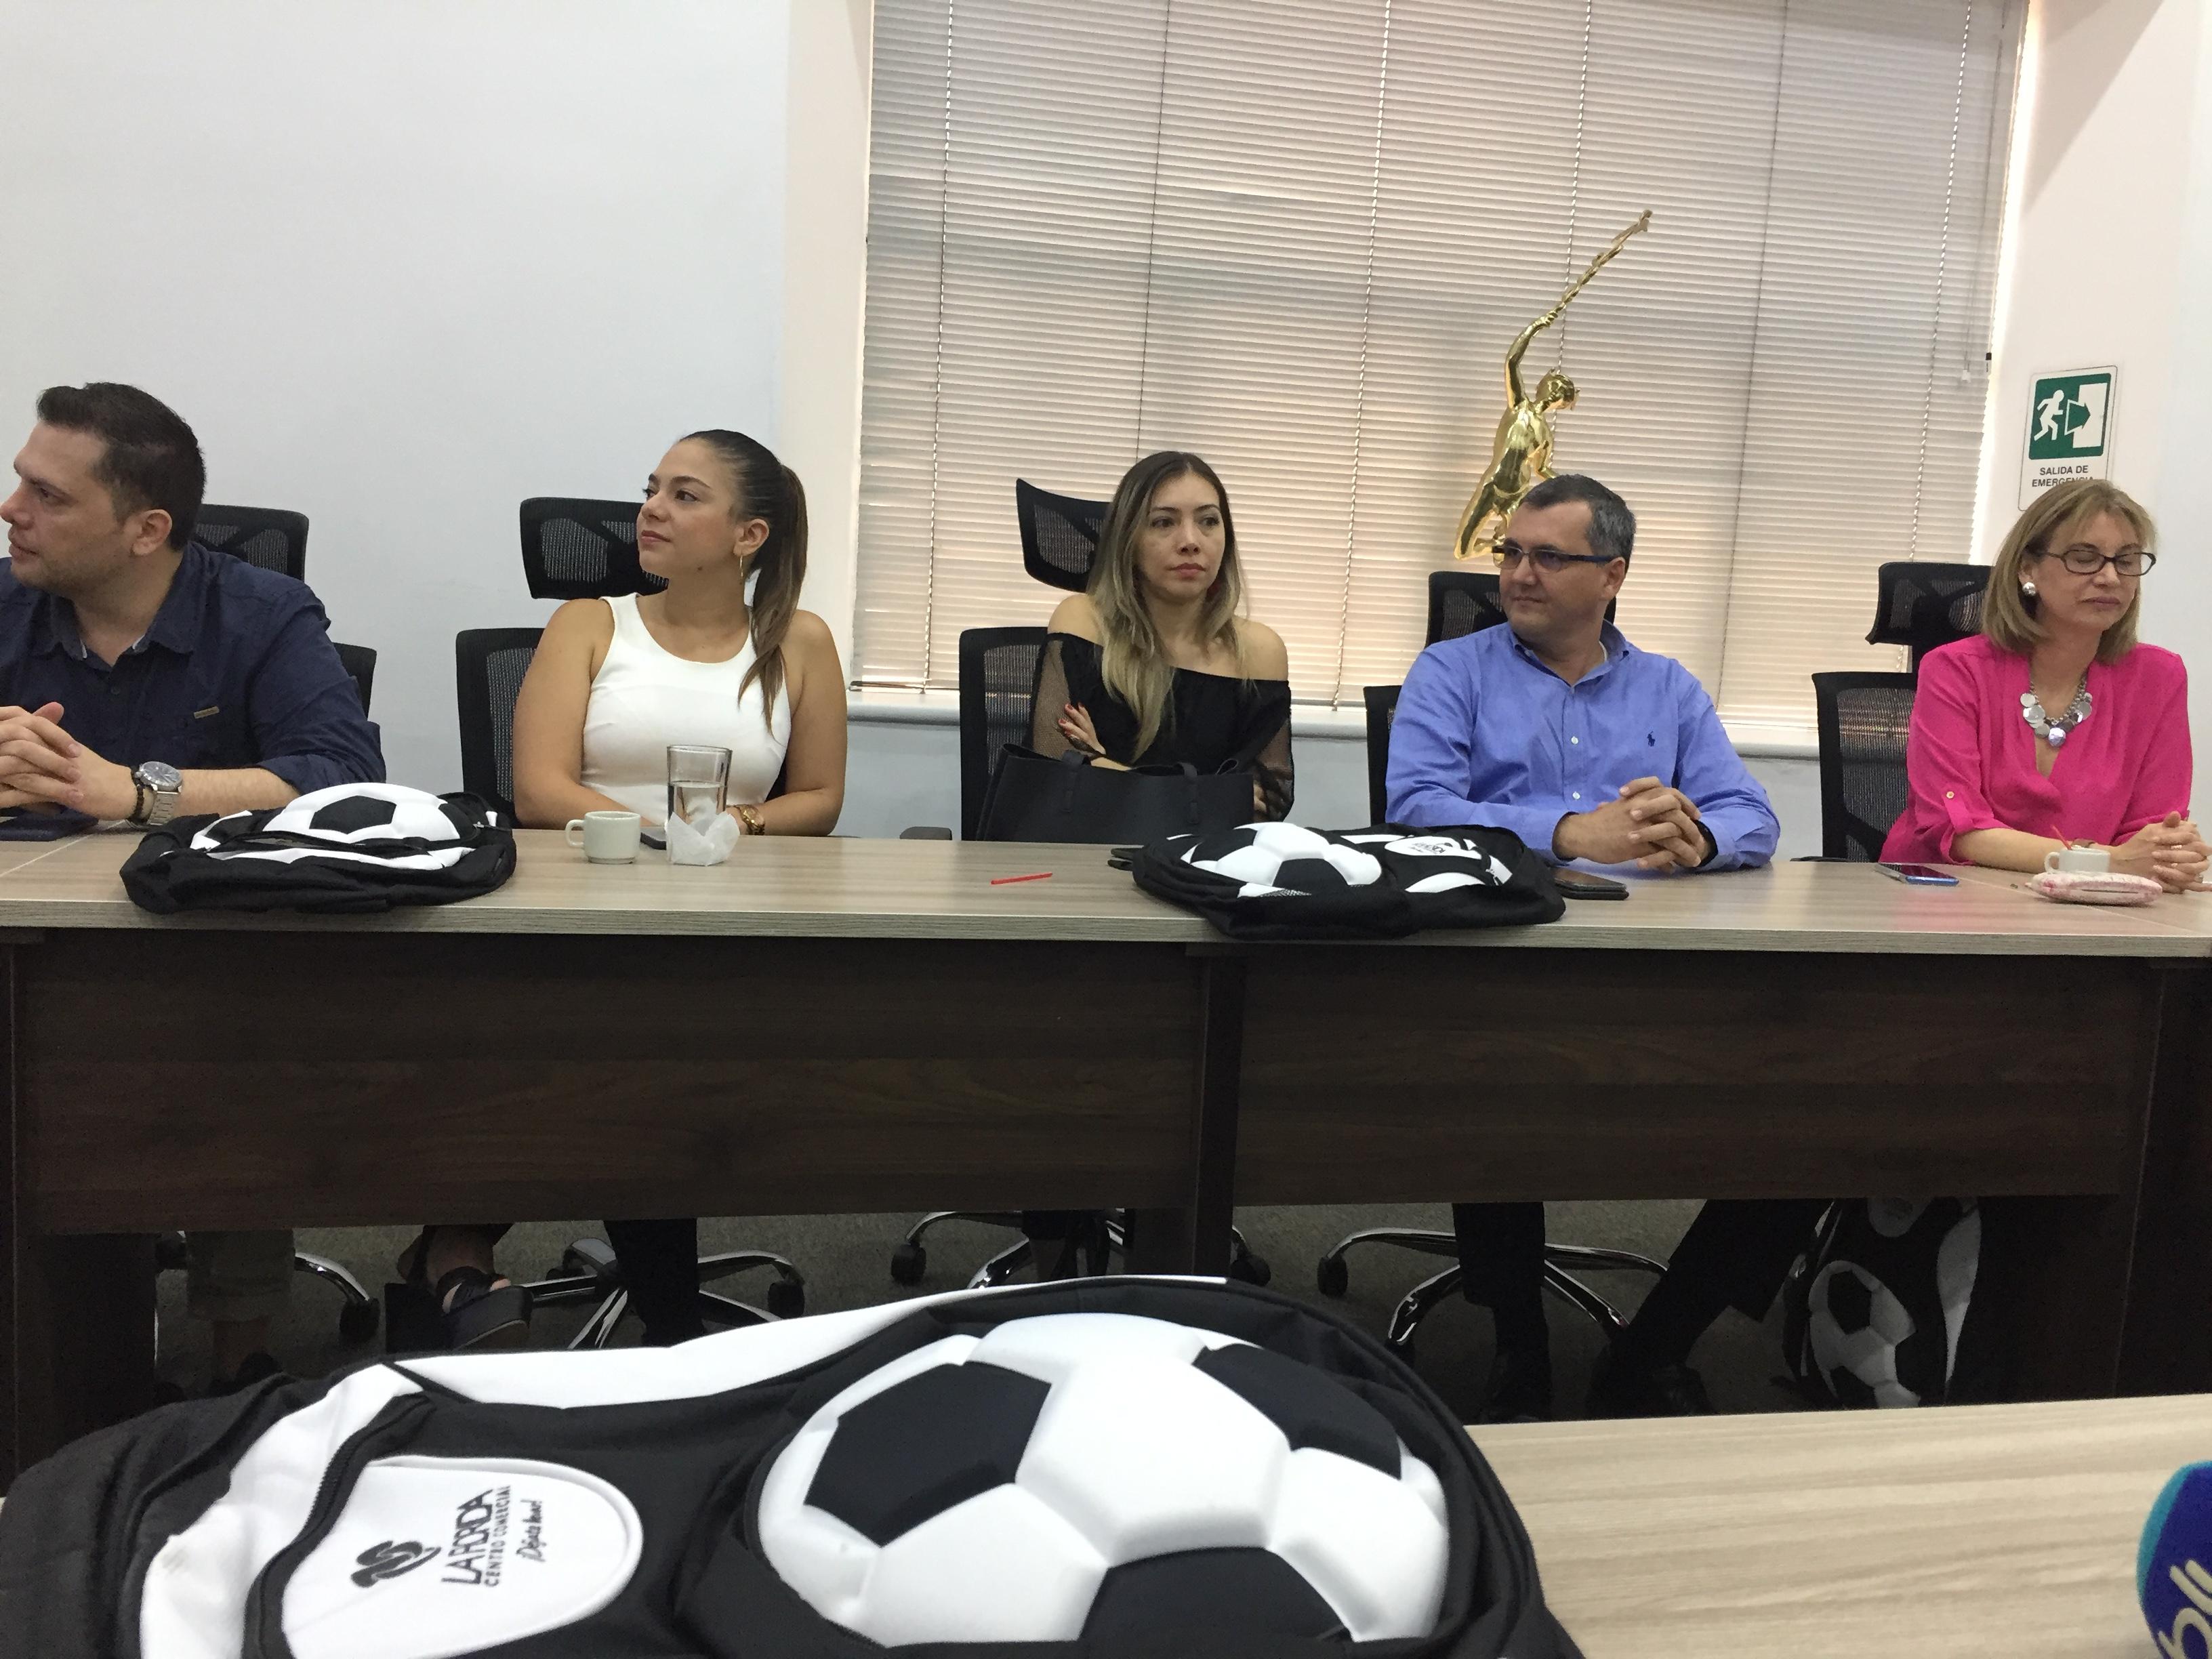 Reclamo del comercio organizado de Bucaramanga. El Día sin Carro es el día sin ventas | Local | Economía | EL FRENTE